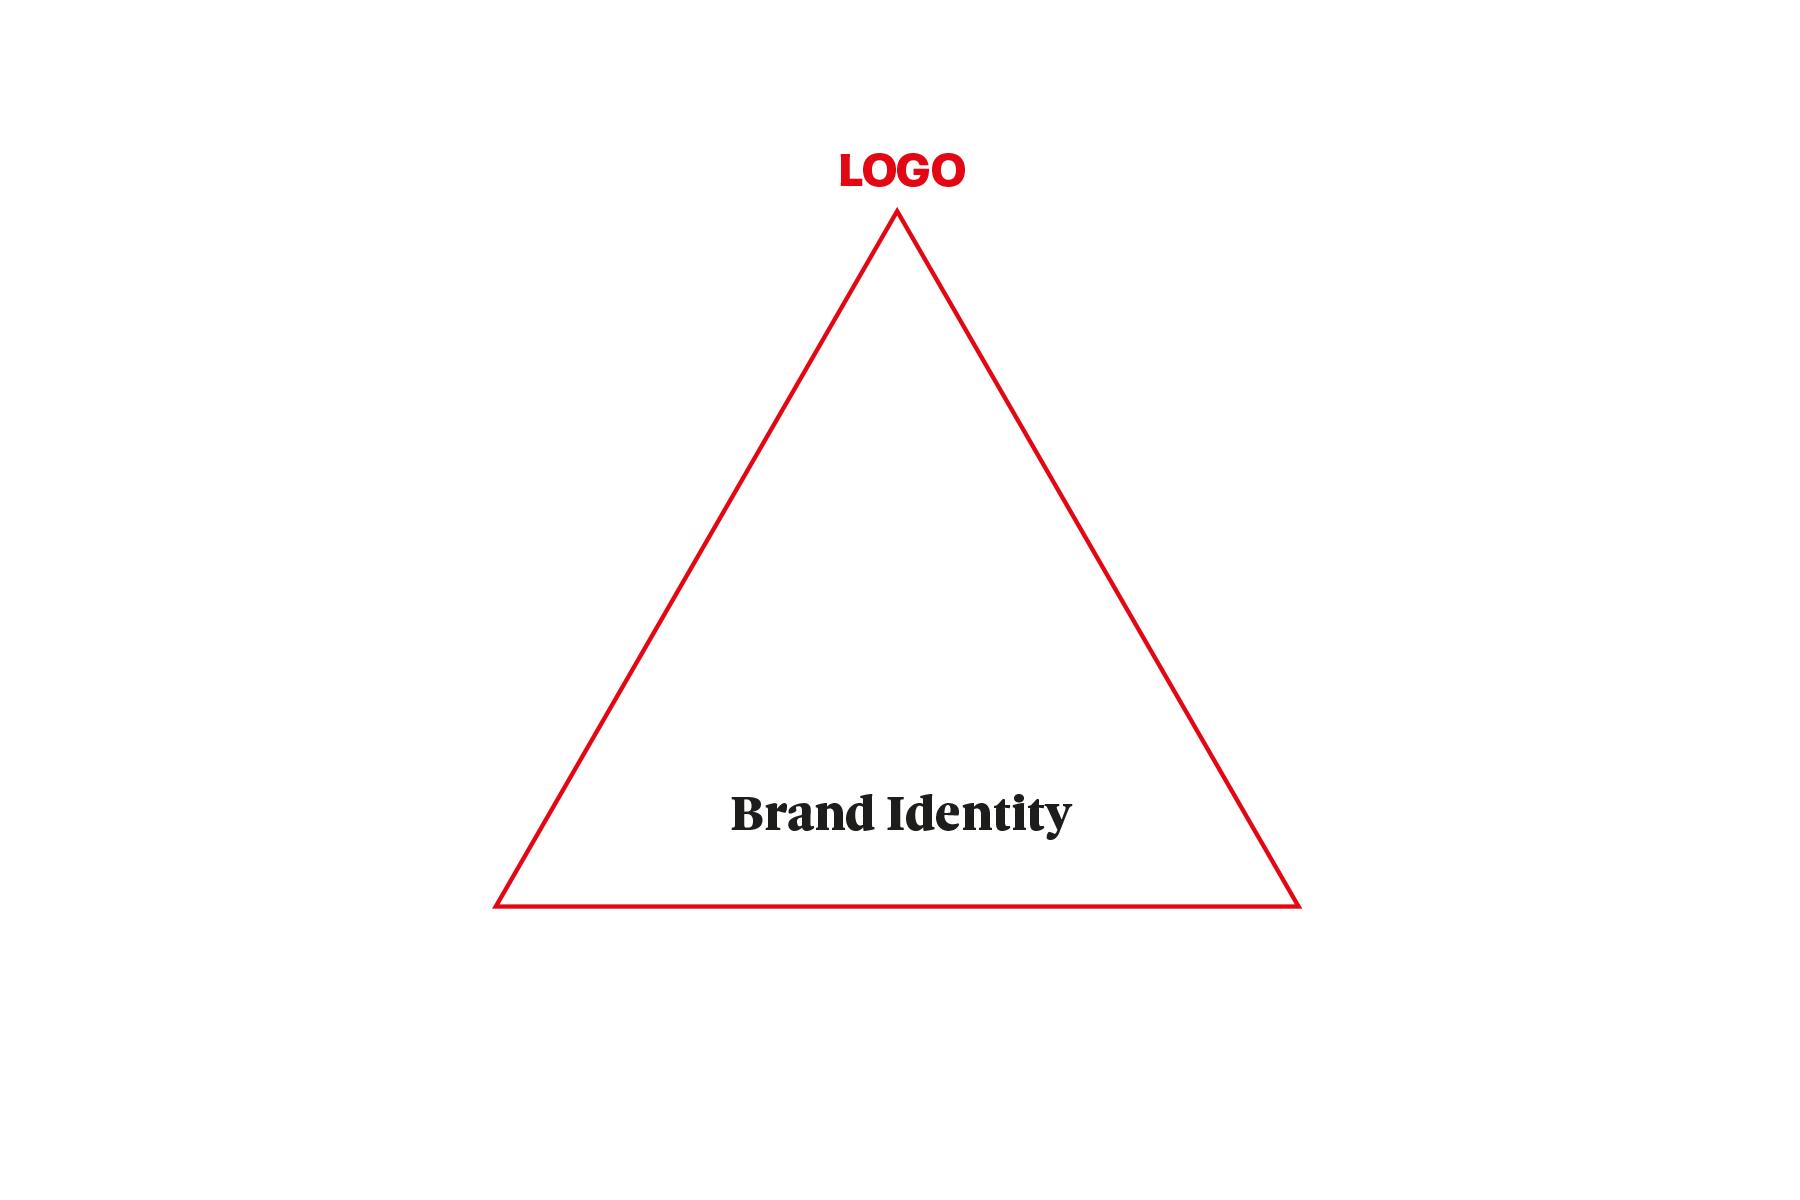 Piramide brand identity-logo